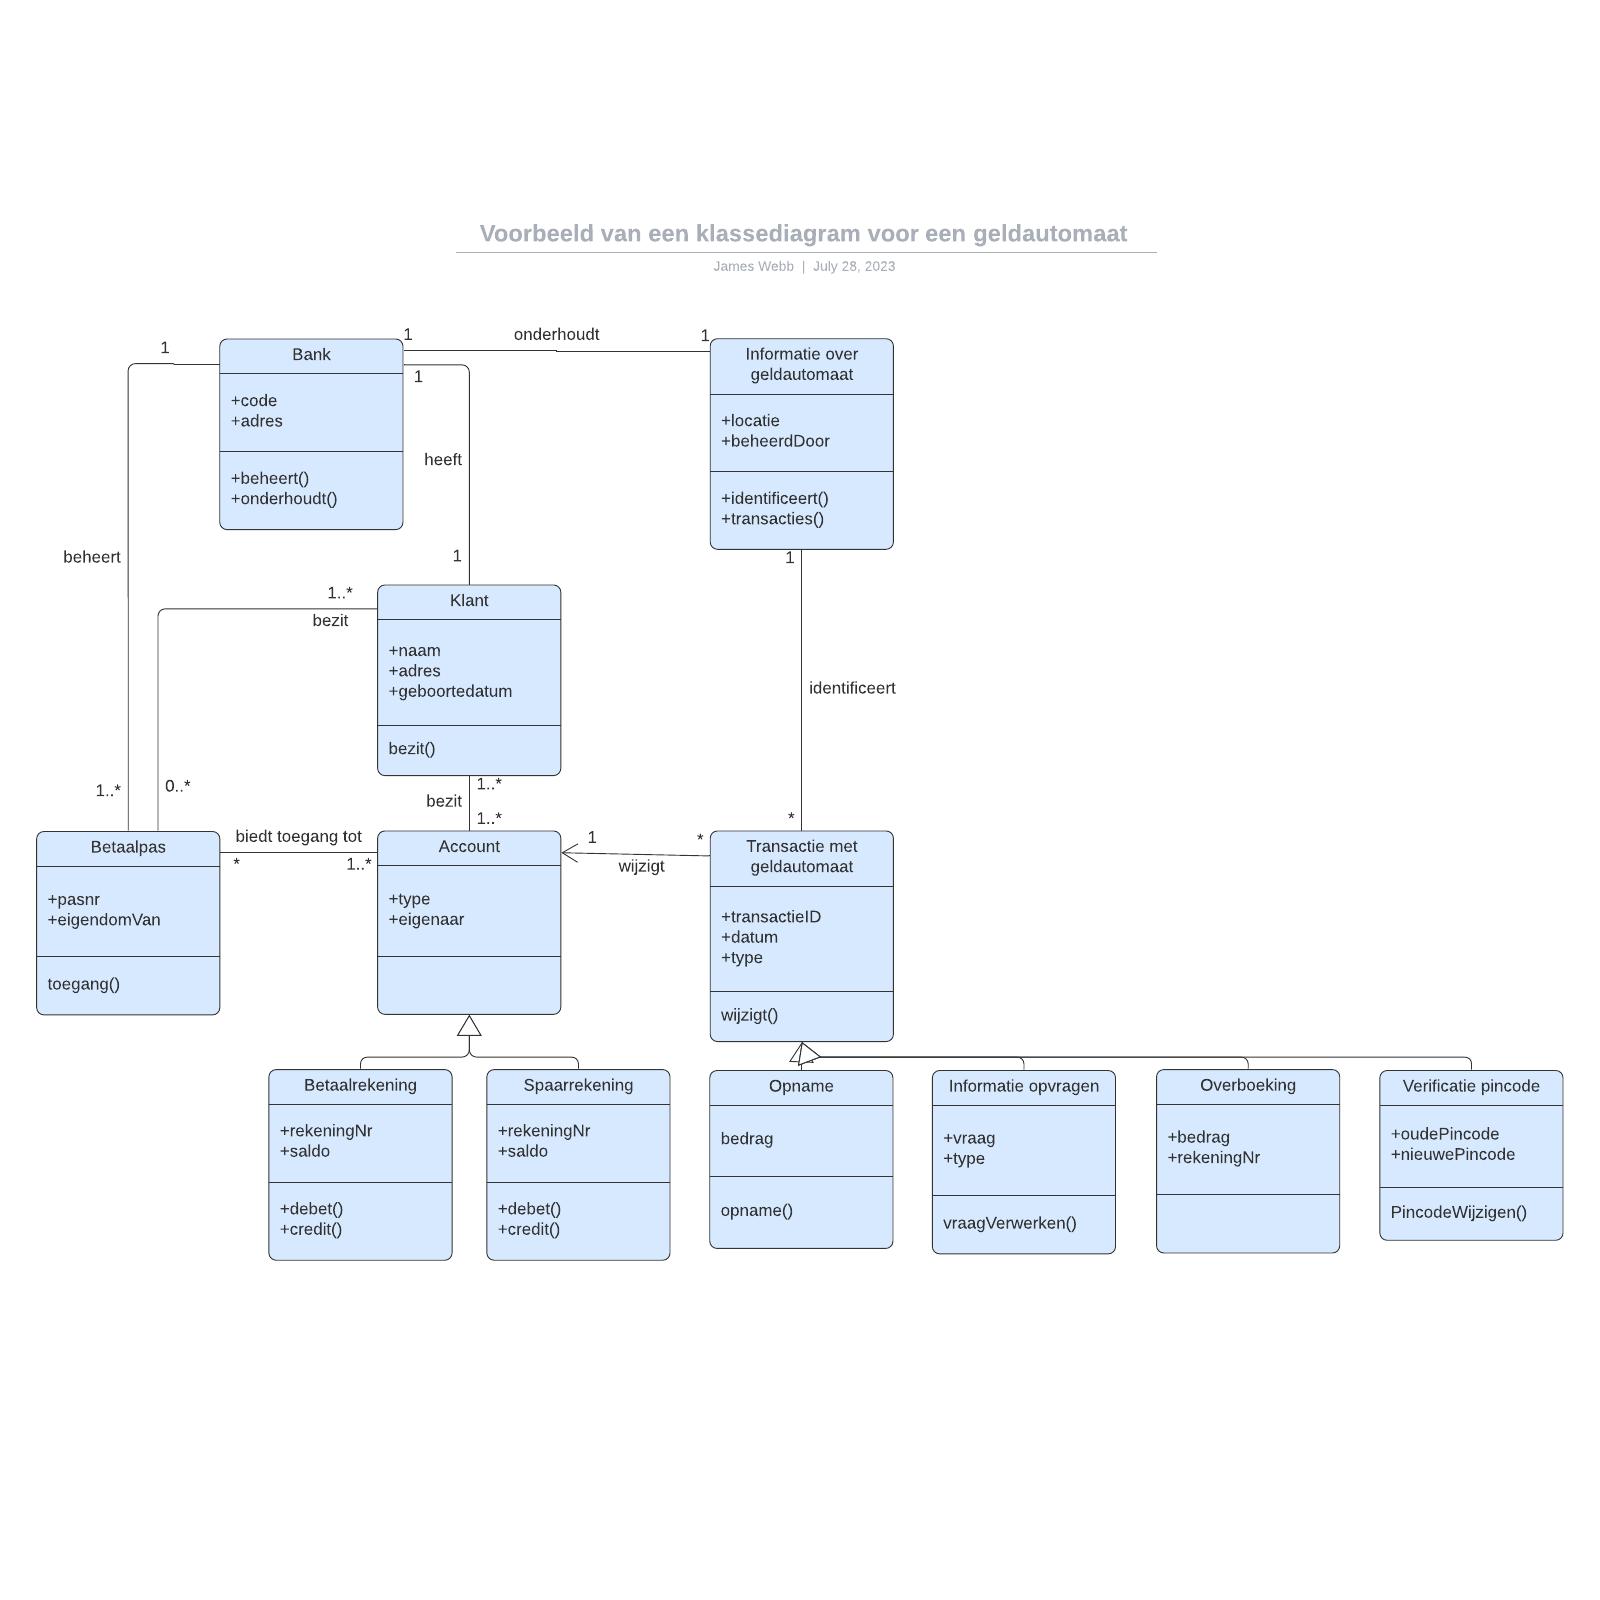 Voorbeeld van een klassediagram voor een geldautomaat